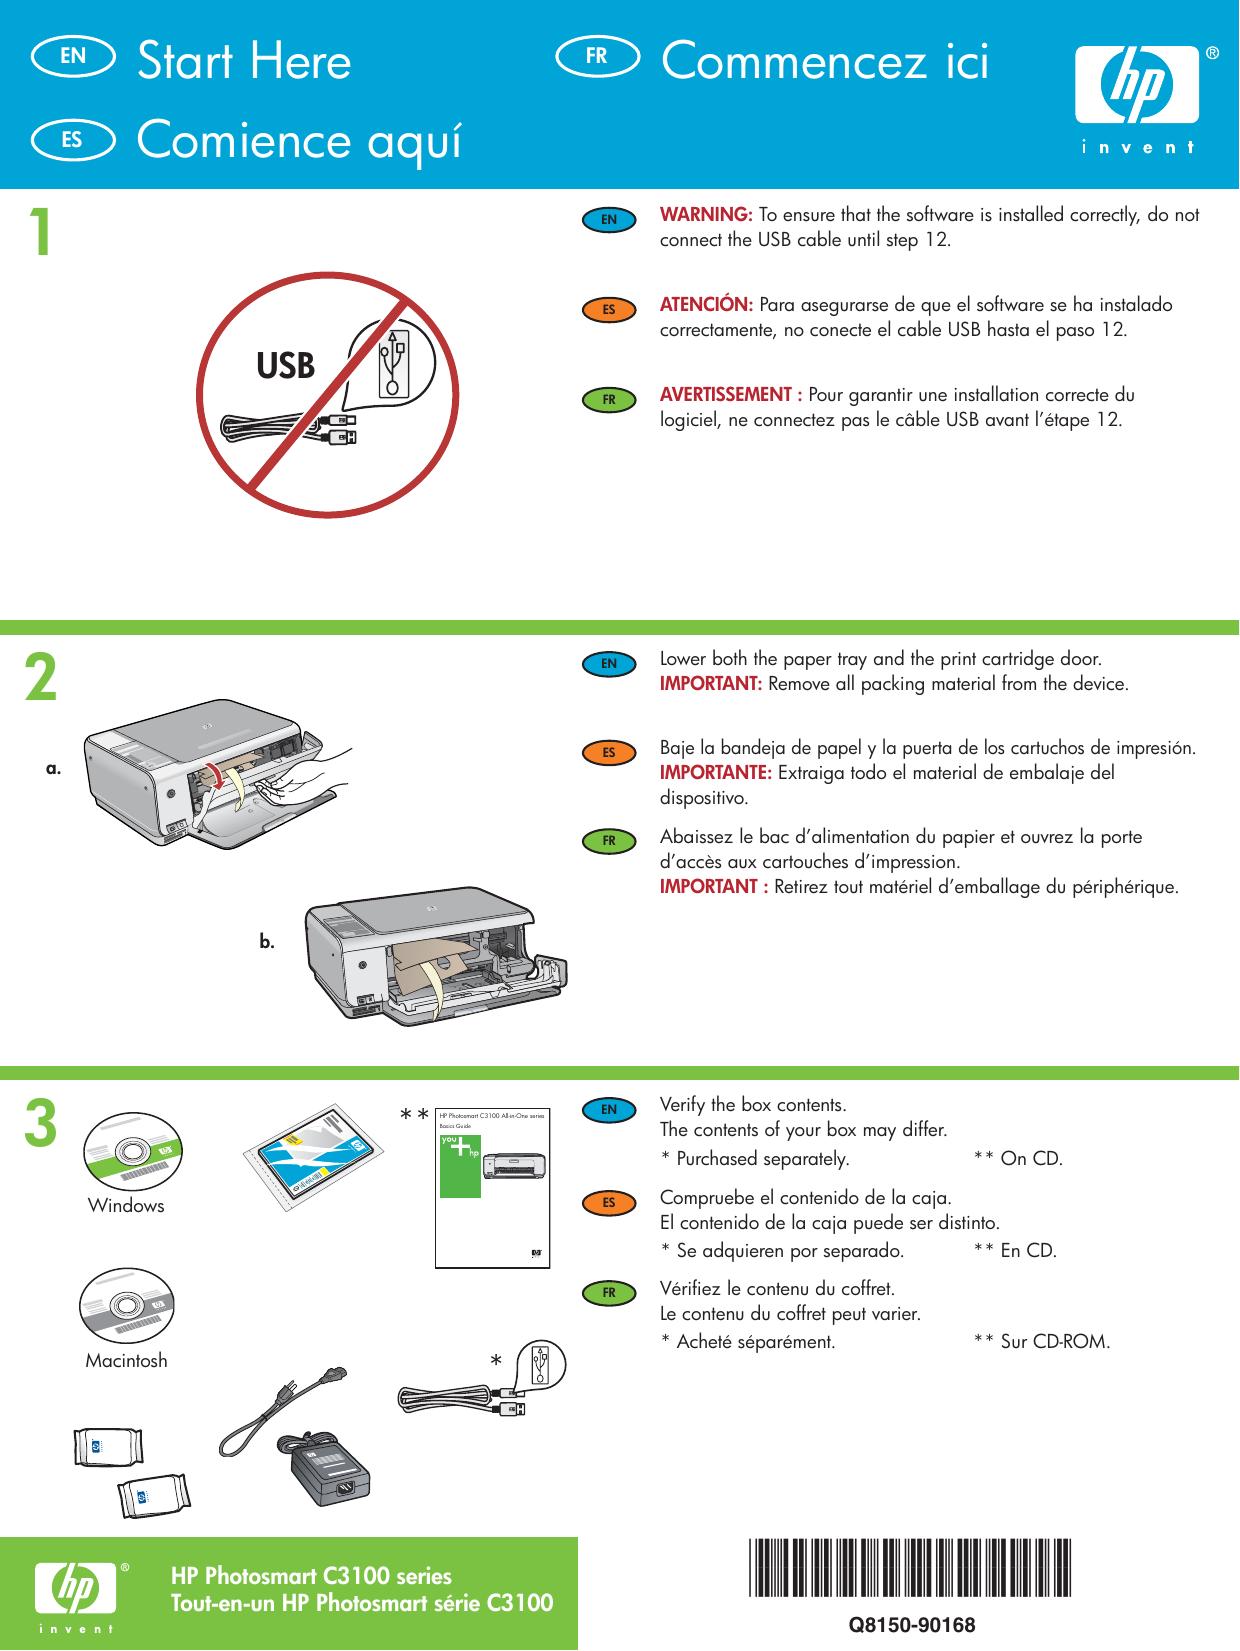 Hp Photosmart C3125 All In One Printer Setup Guide Q8150 90168_EN_ES_FR